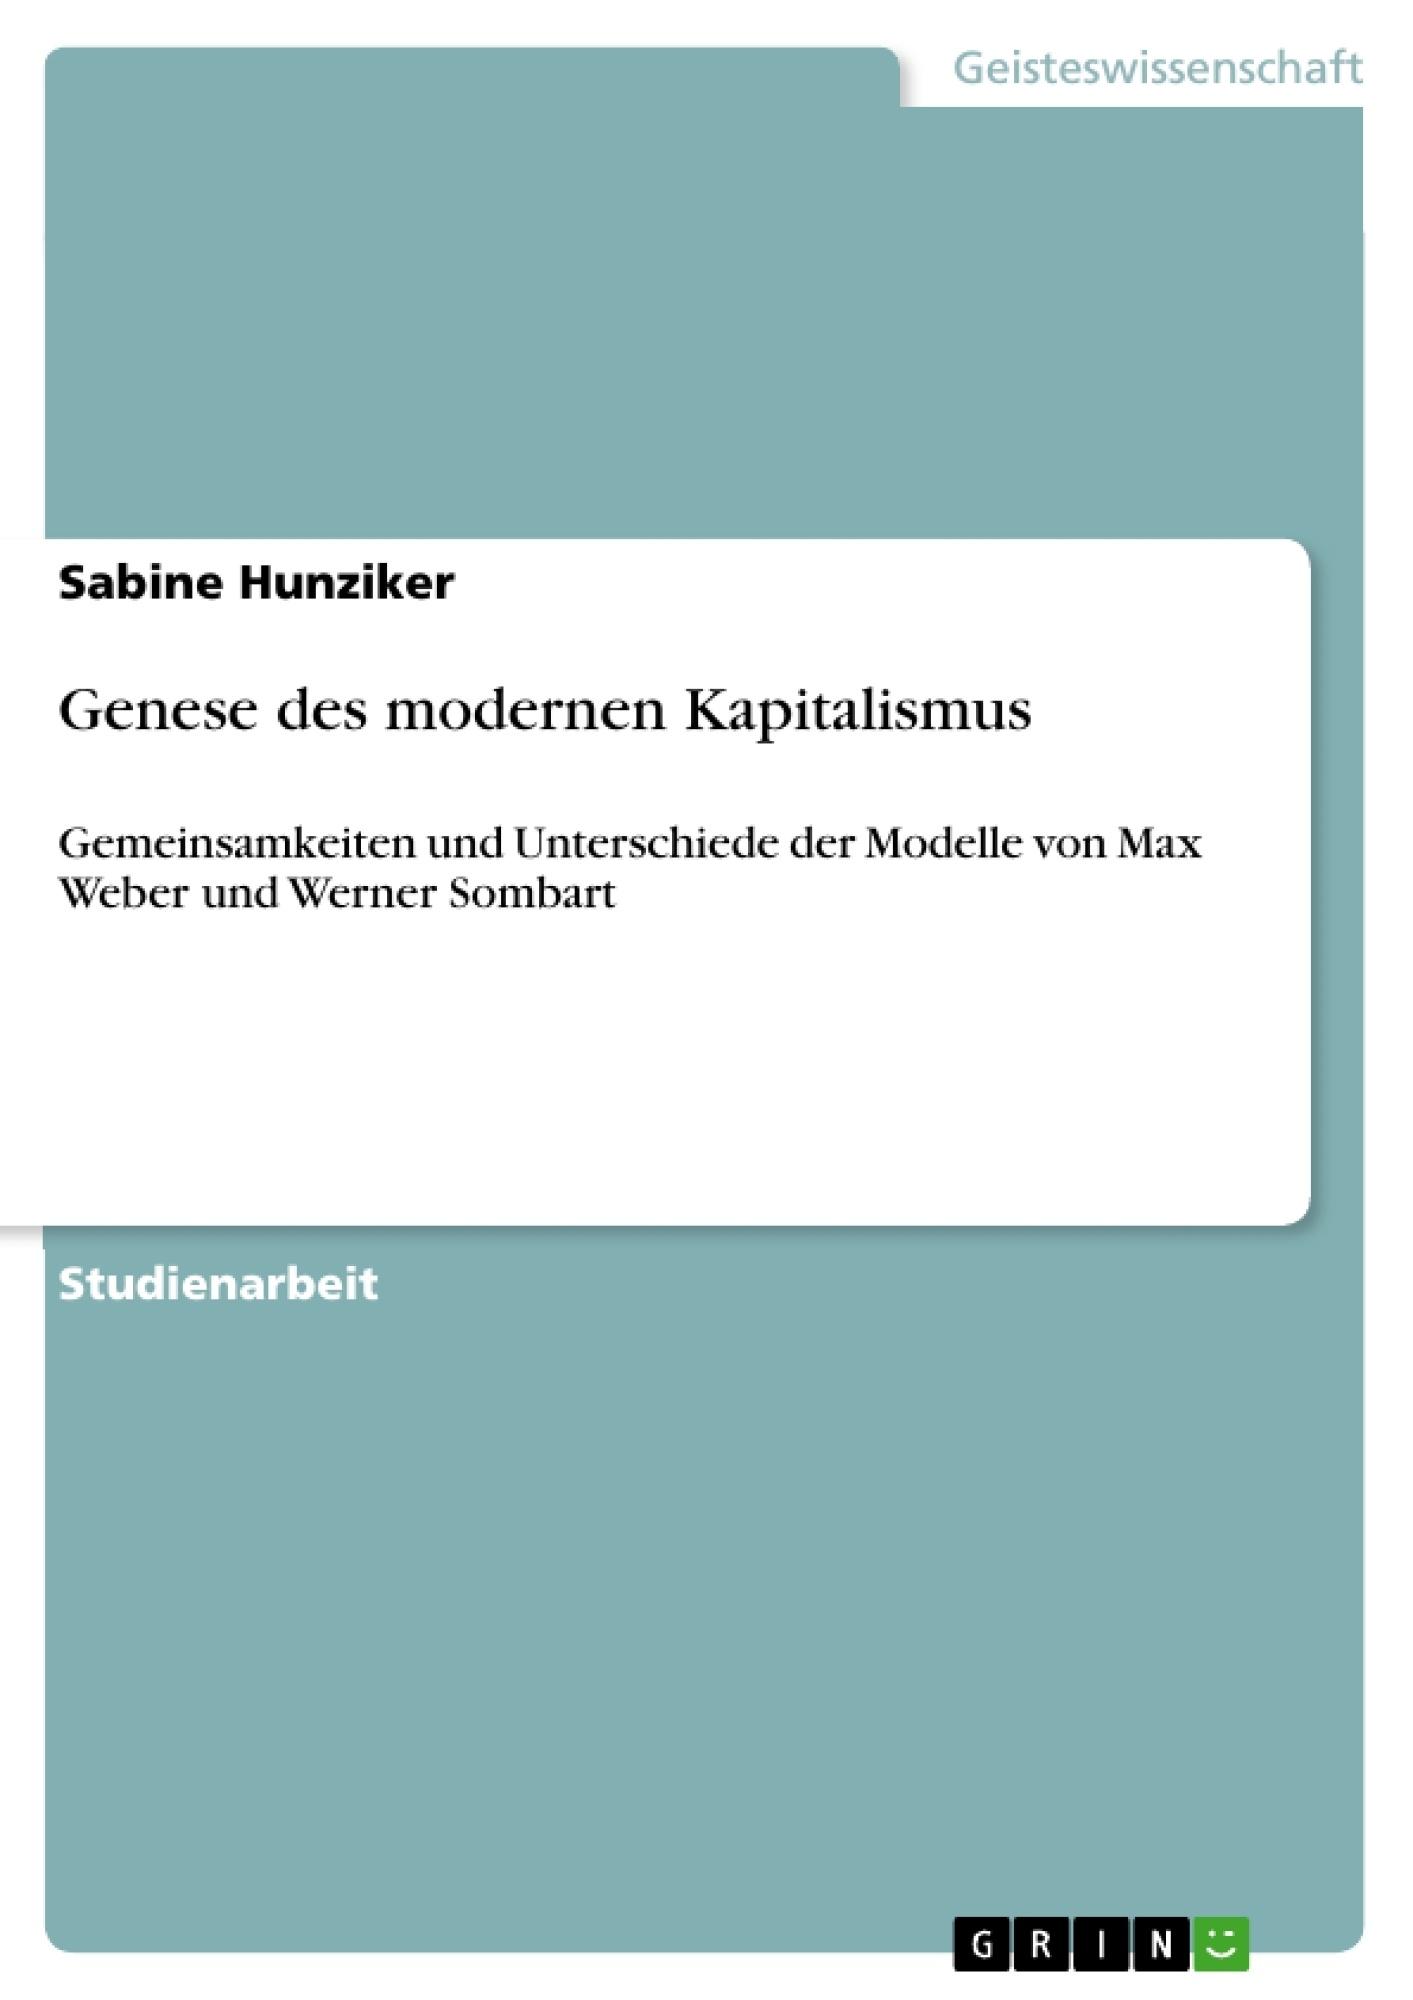 Titel: Genese des modernen Kapitalismus